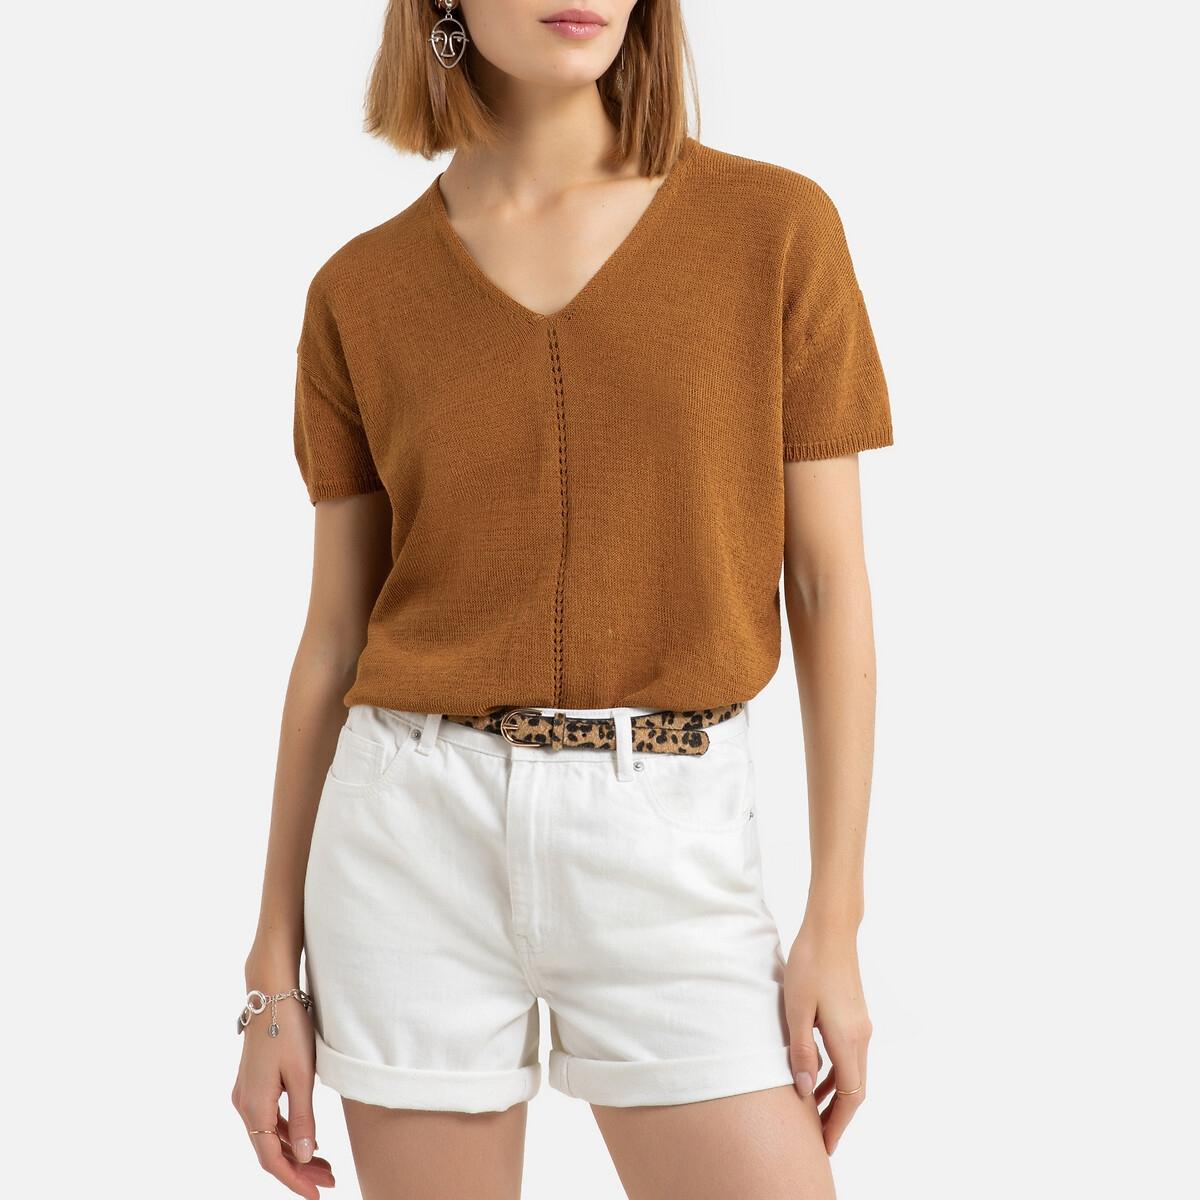 Пуловер La Redoute С V-образным вырезом из тонкого трикотажа L каштановый пуловер la redoute с v образным вырезом из тонкого витого трикотажа m каштановый